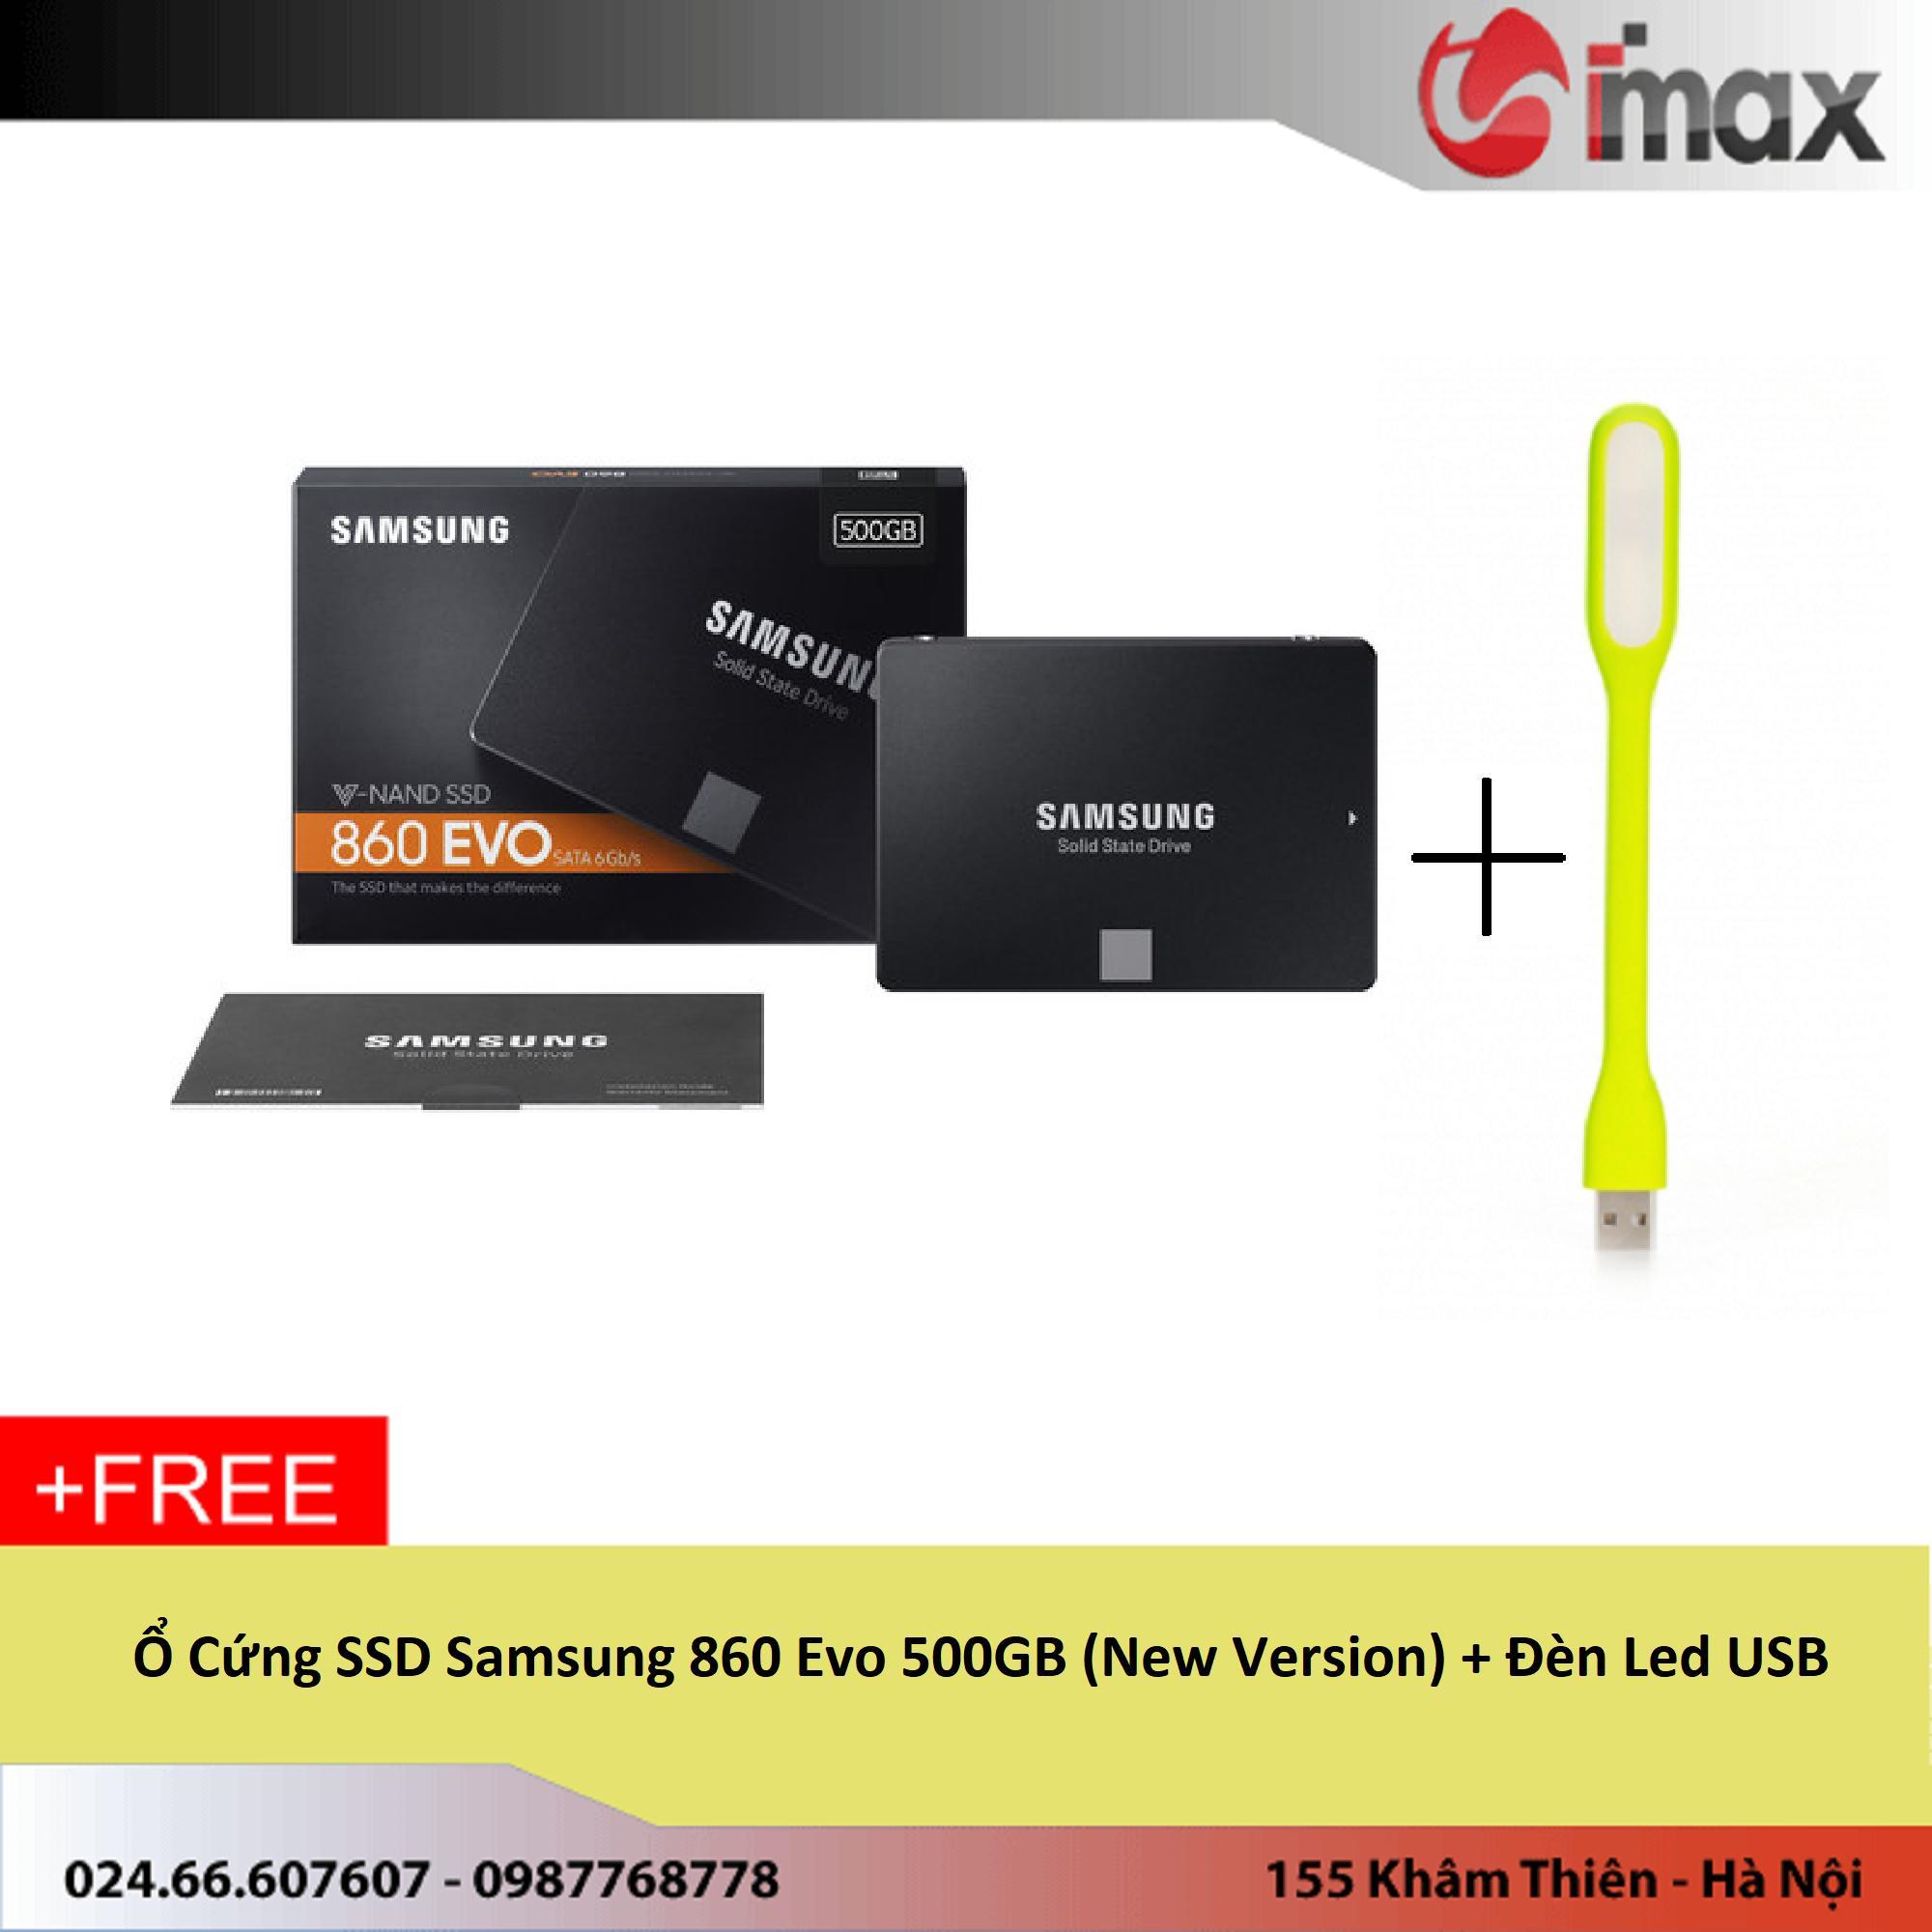 Mua Ổ Cứng Ssd Samsung 860 Evo 500Gb New Version Đen Led Usb Mới Nhất